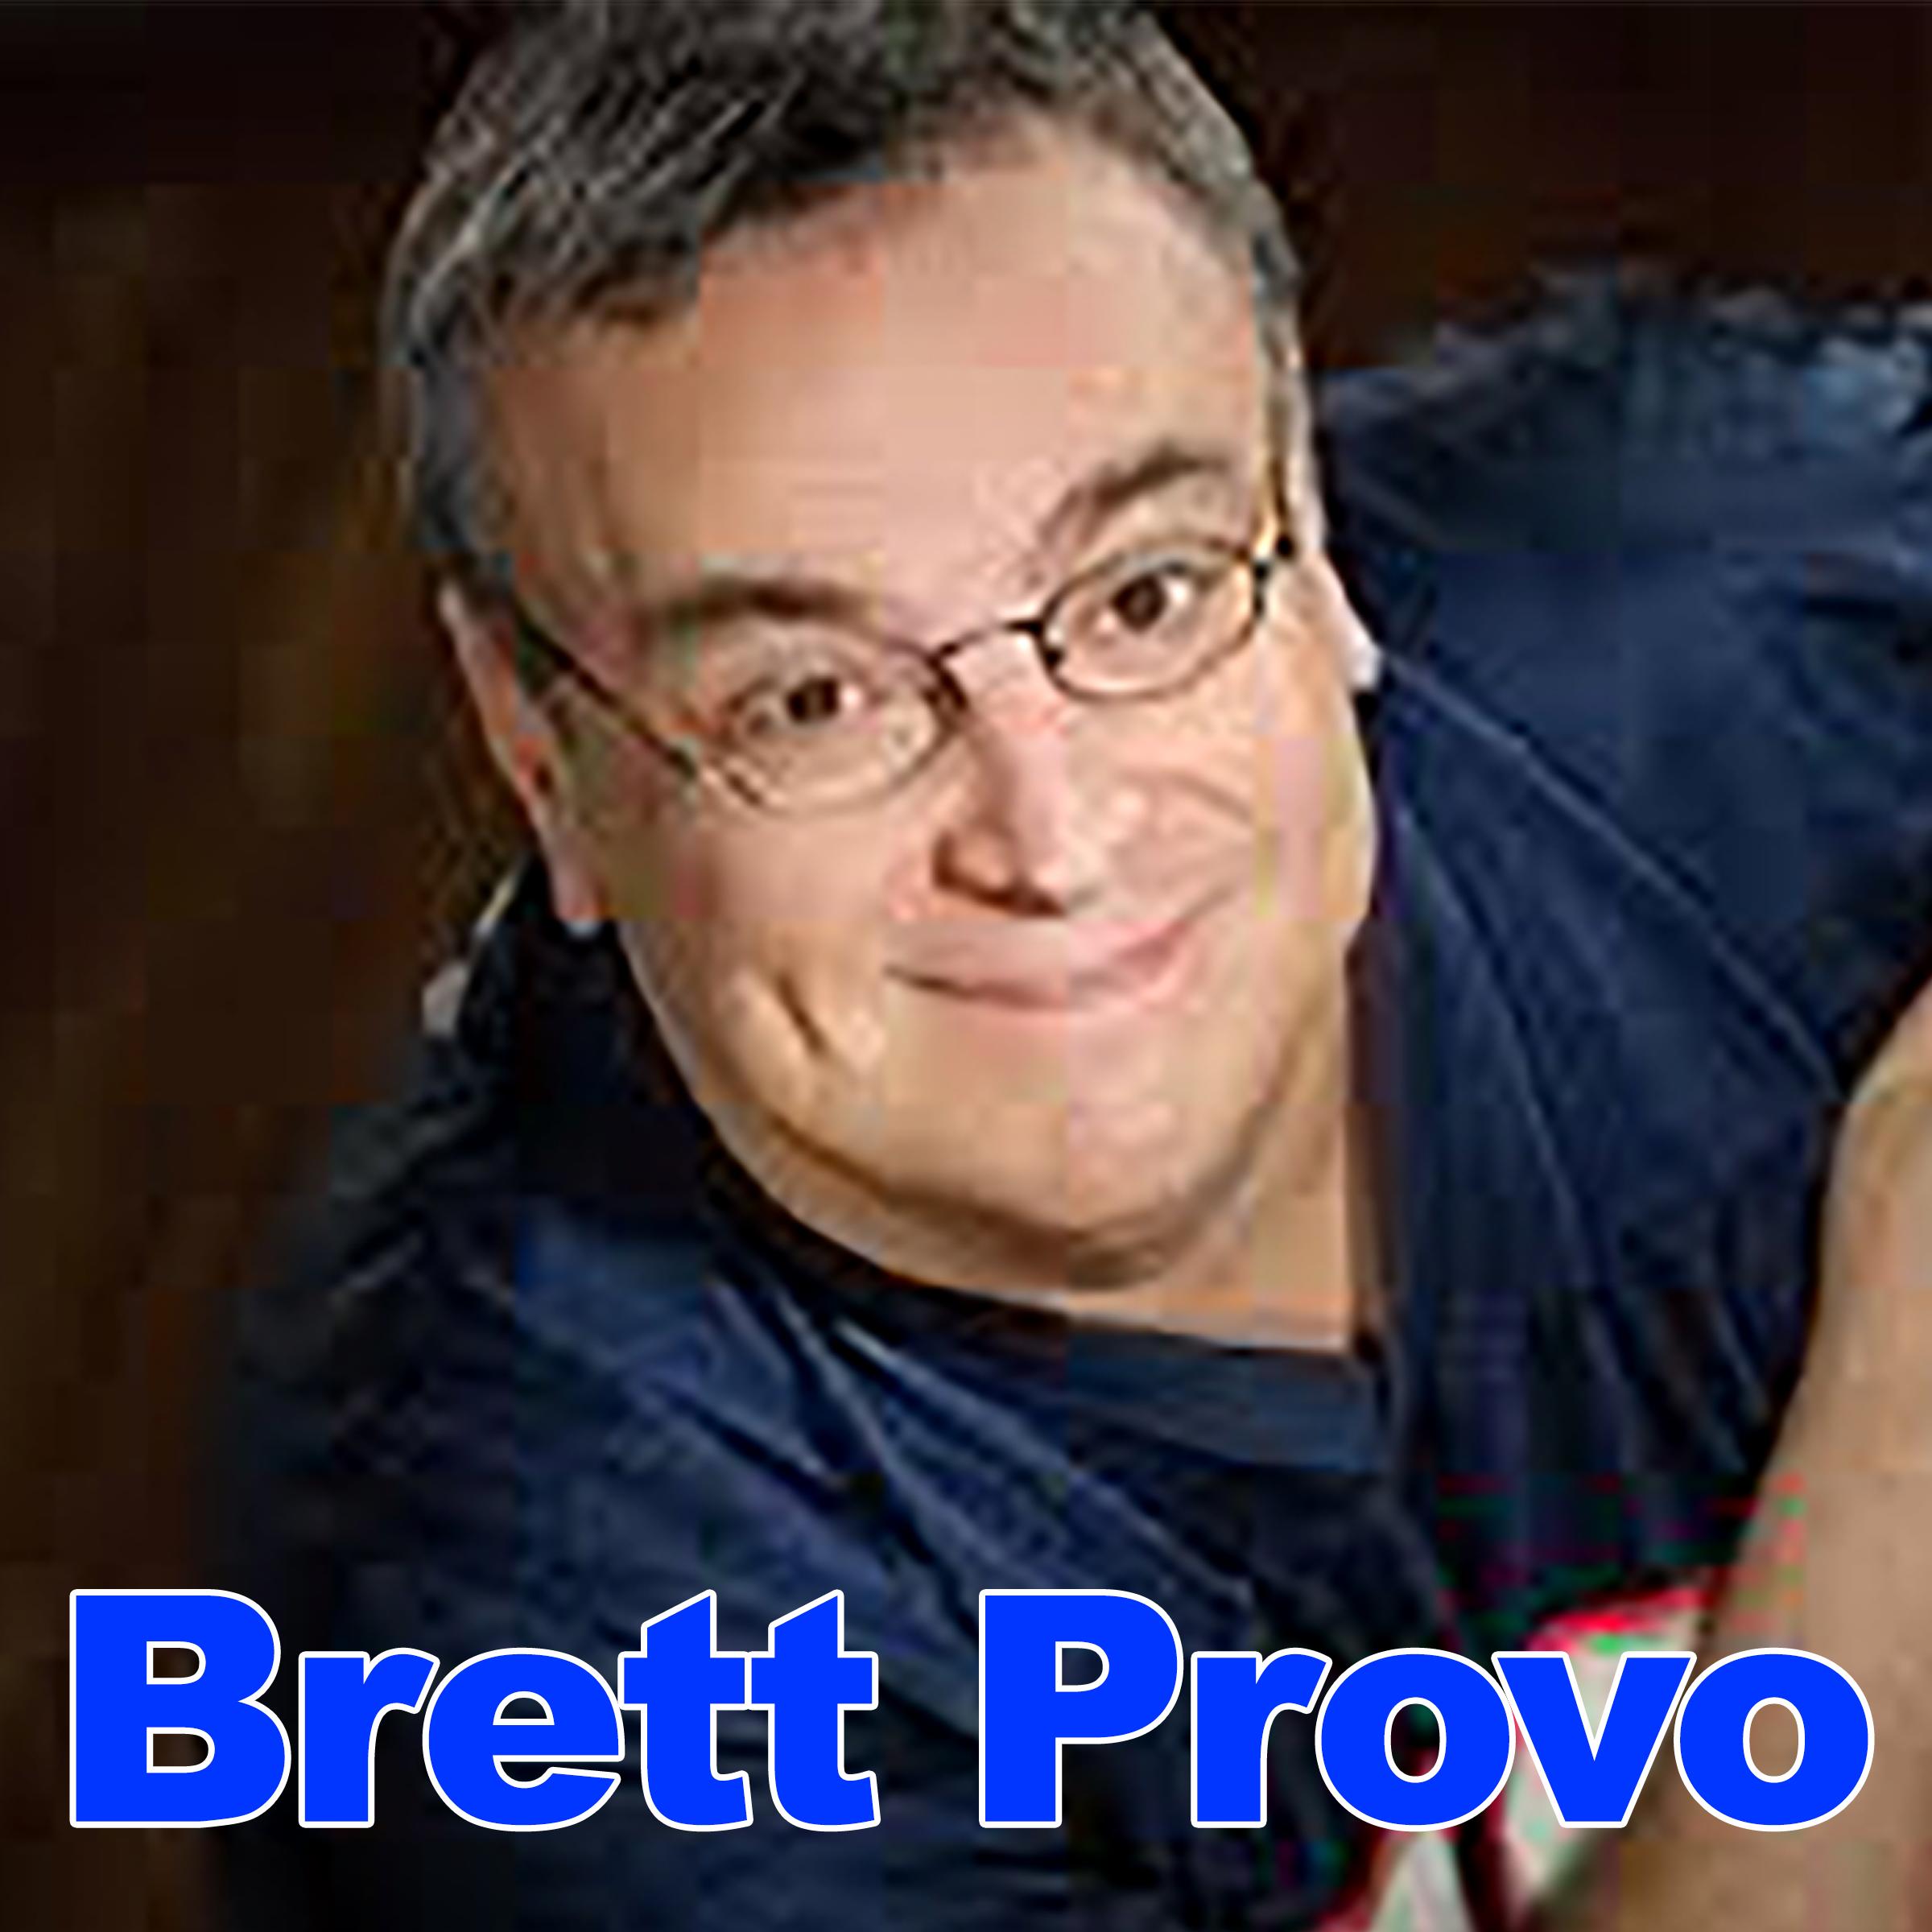 Brett Provo